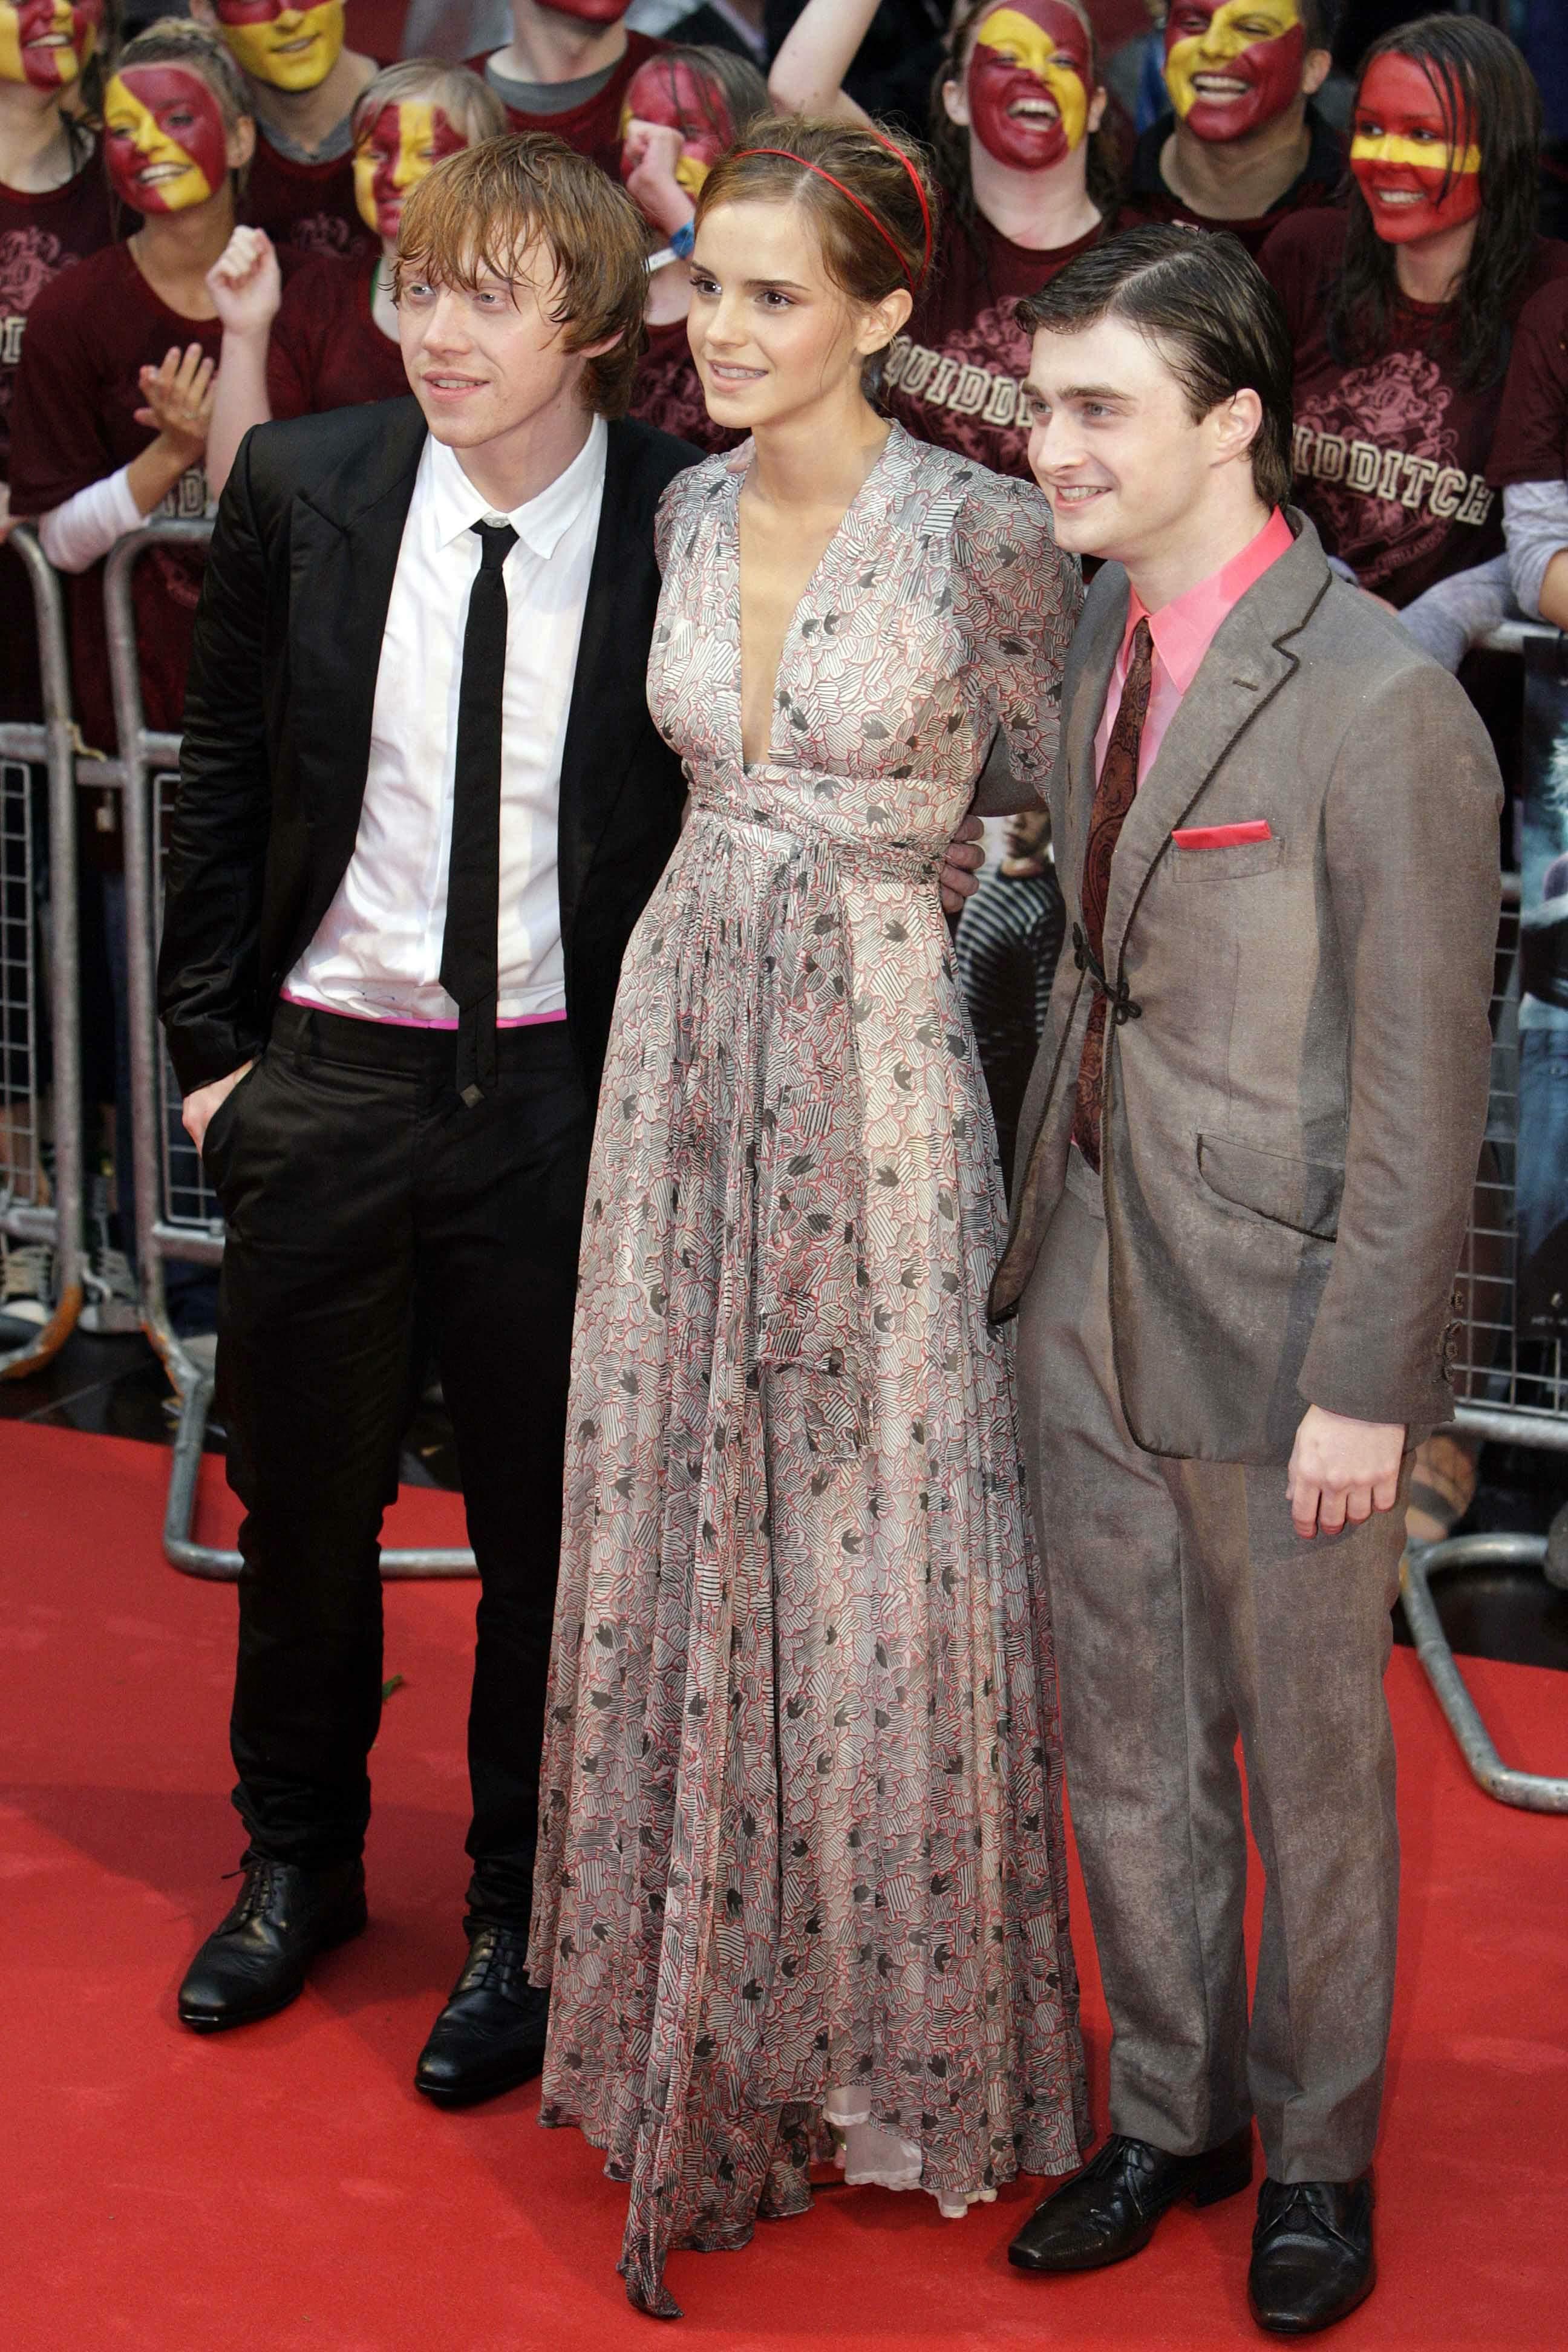 50566_Emma_Watson_HPaTHBP_premiere_in_London04046_122_99lo.jpg